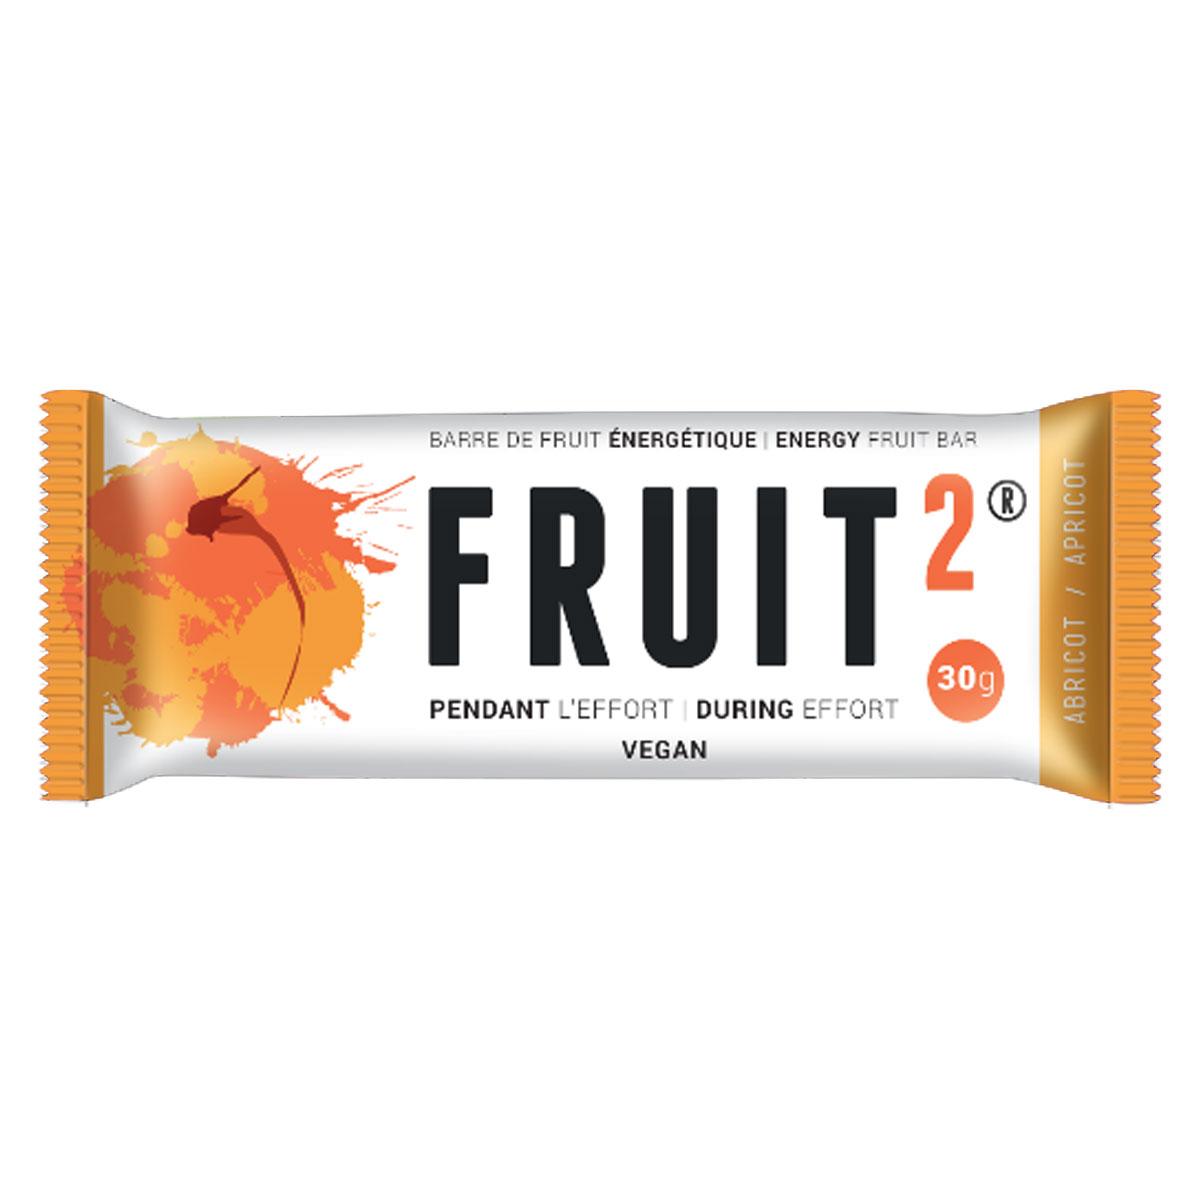 BARRE DE FRUIT ENERGETIQUE FRUIT2 ABRICOT